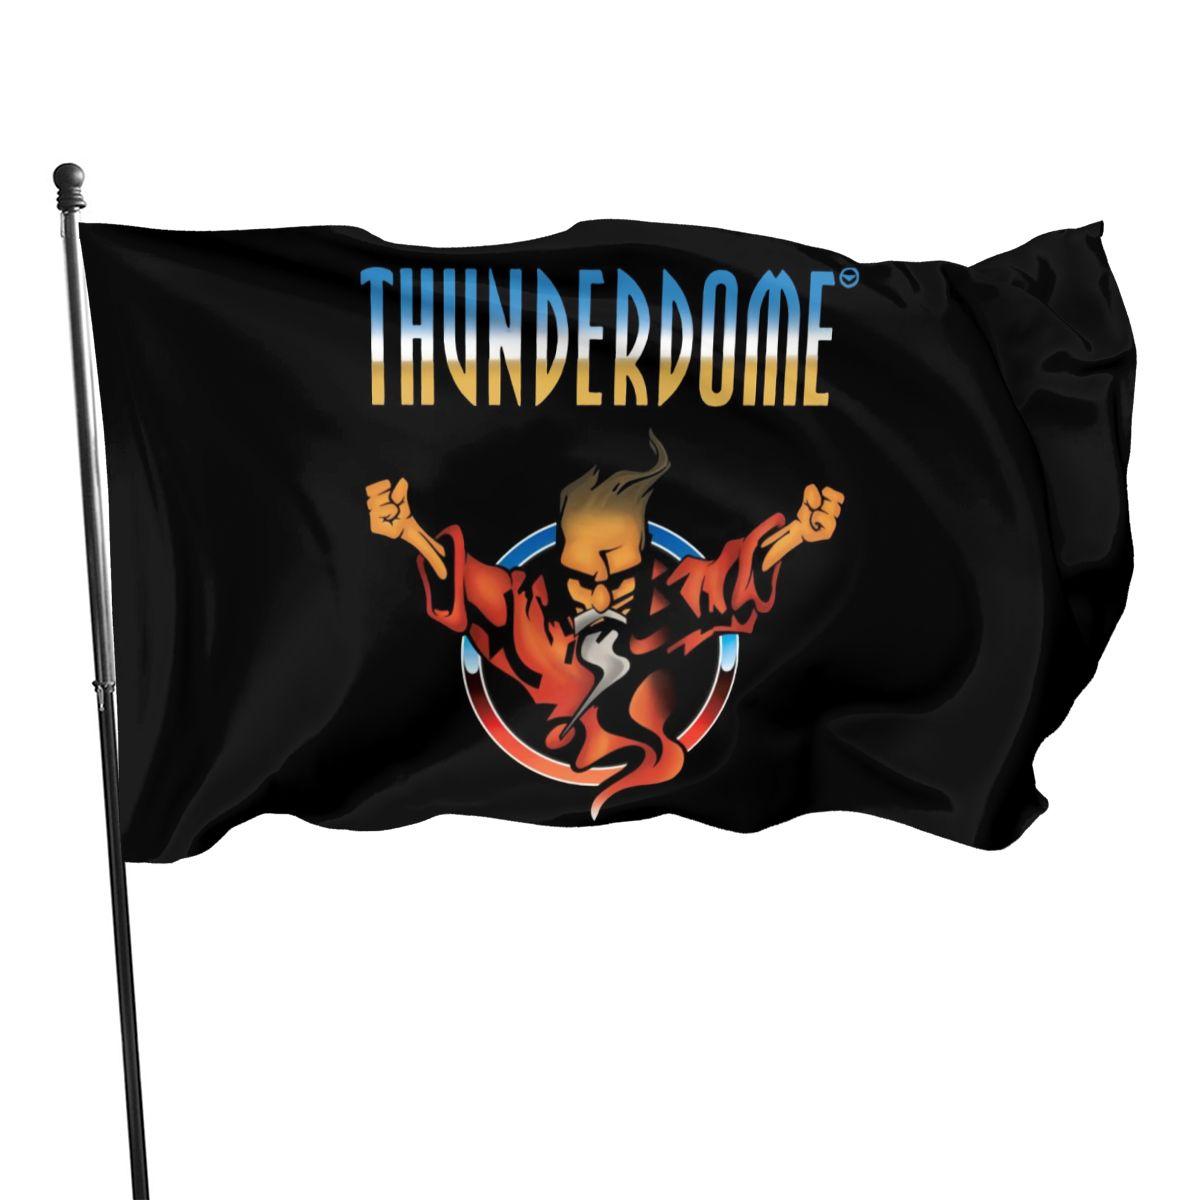 Thunderdome хардкор технология и Габер мужские черные размеры Stoxxl дизайн любой логотип 2021 рэп однотонный флаг